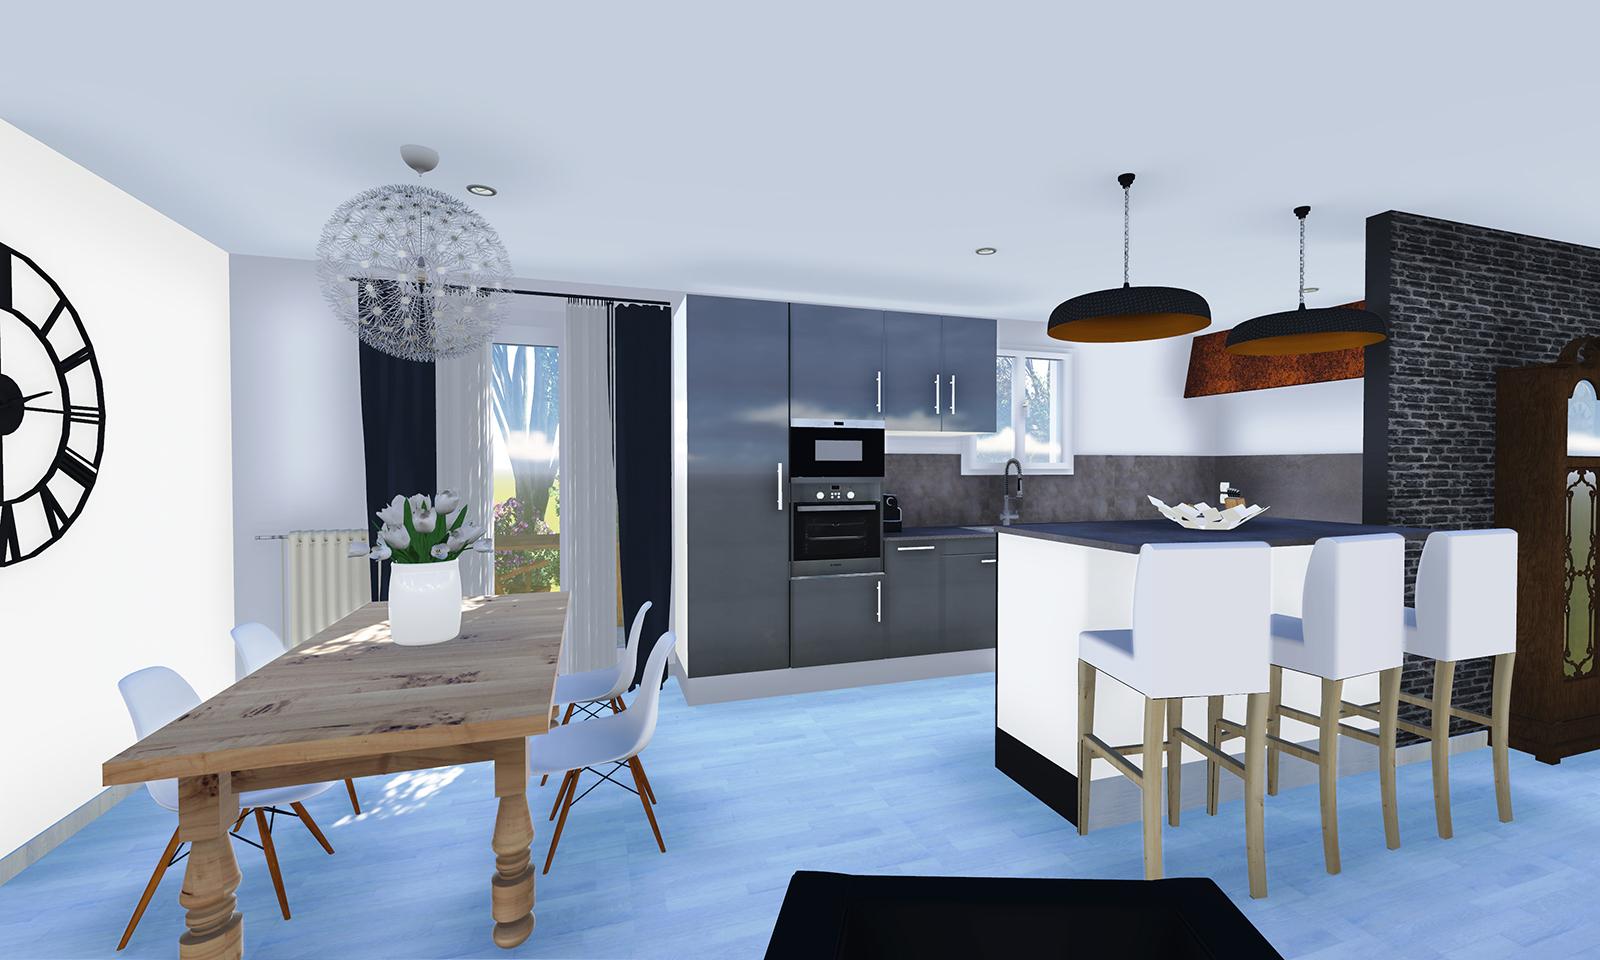 Salon salle a manger cuisine 35m2 maison parallele - Amenagement cuisine salon ...